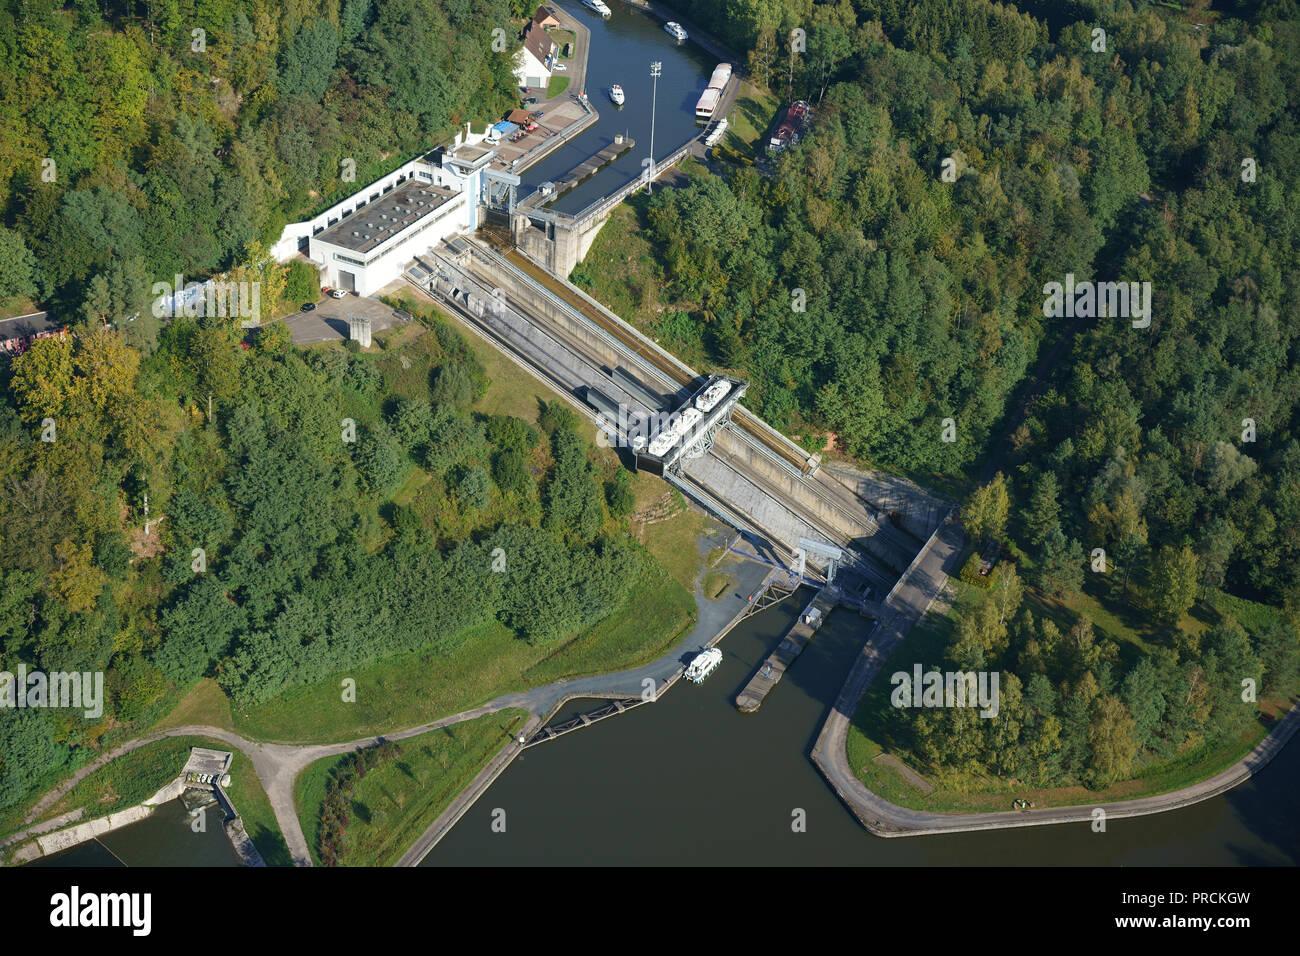 SAINT-LOUIS-ARZVILLER schiefe Ebene (Luftbild). 44 Meter hoher Fahrstuhl für Schiffe auf der Marne zum Rhein Kanal. In Meurthe-et-Moselle, Lorraine, Grand Est, Frankreich. Stockfoto